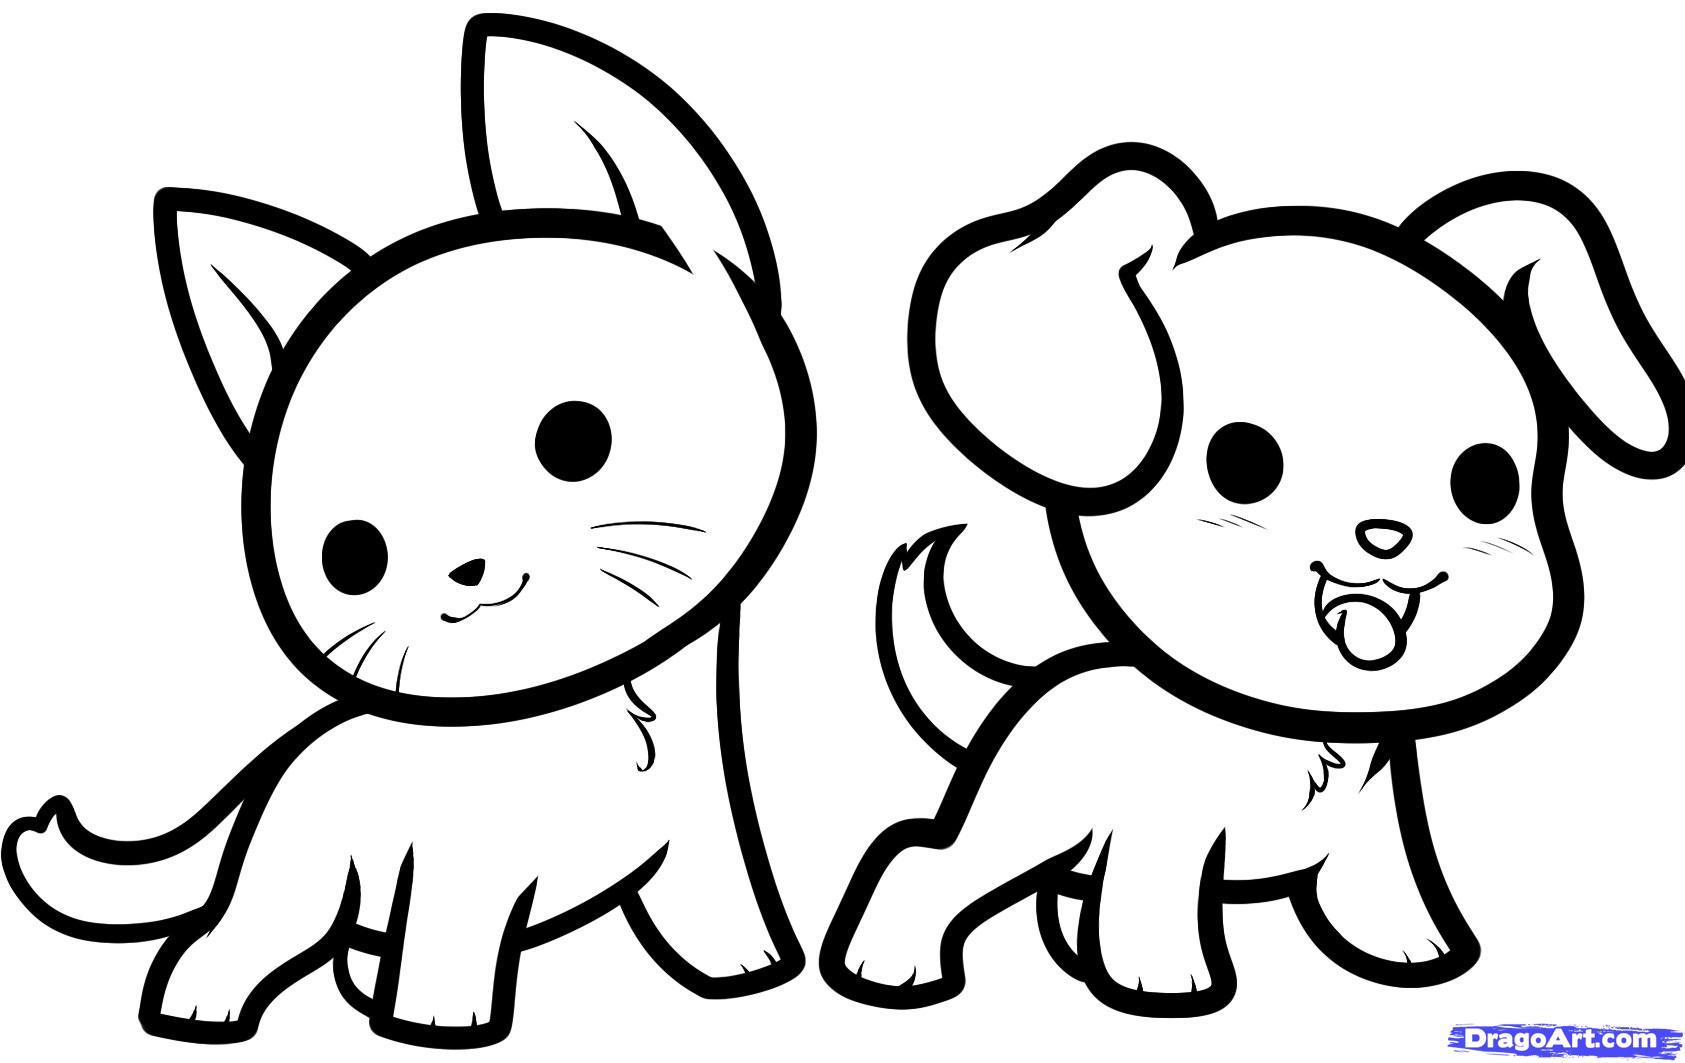 1685x1063 Drawing Of Cat And Dog Drawing Of Cat And Dog How To Draw Kawaii